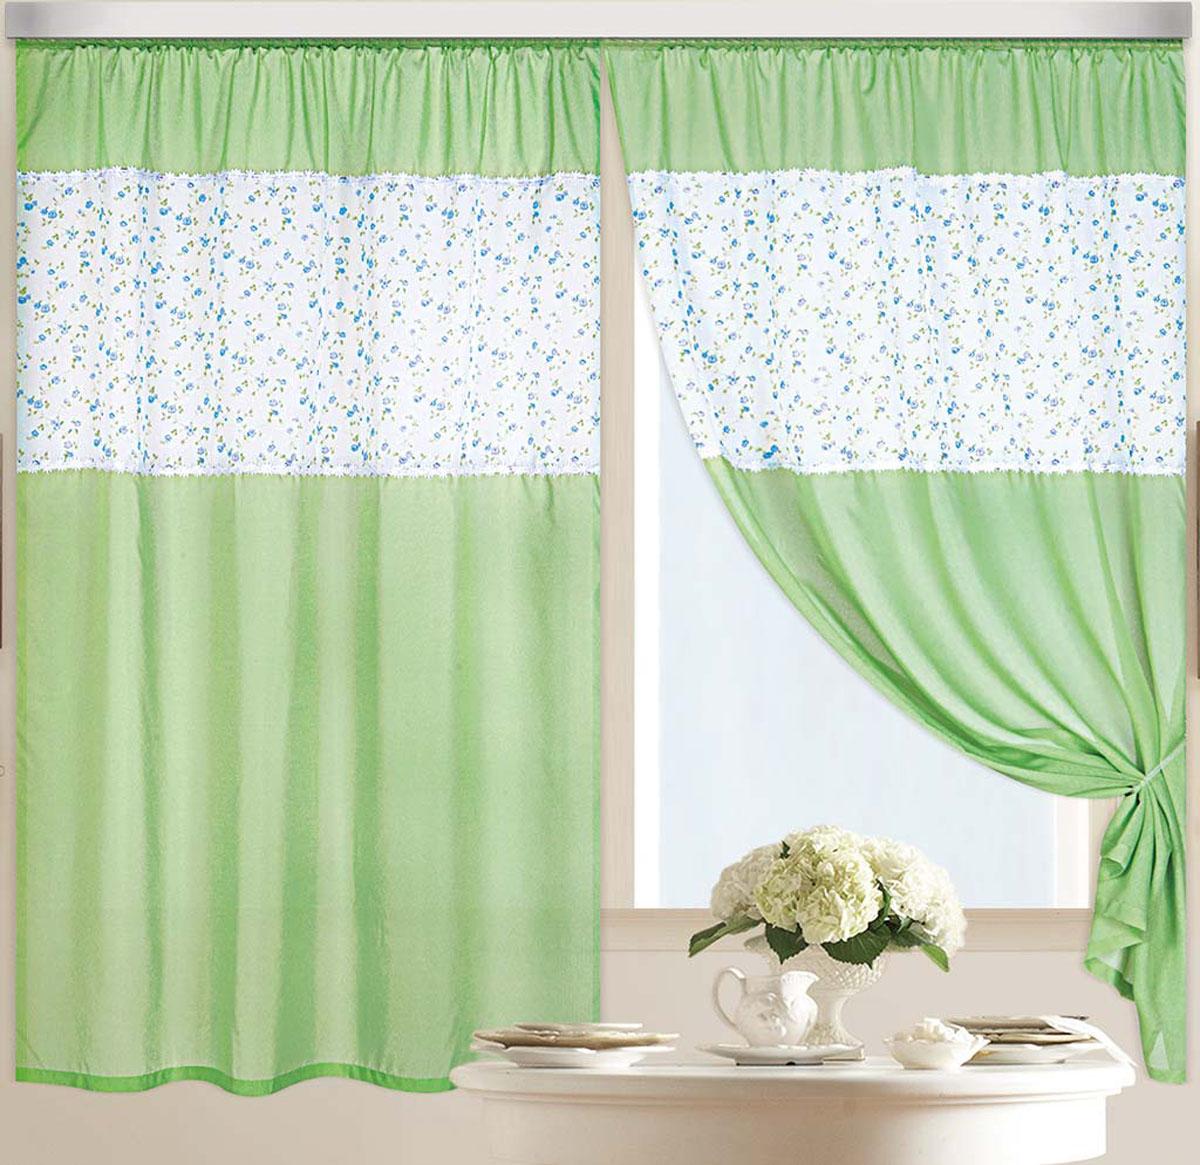 Штора Аромат лета, на ленте, цвет: зеленый, белый, синий, высота 180 см80975Легкая ткань под льняное полотно с кружевом в виде цветочков на швах. Стирка не более 30 градусов